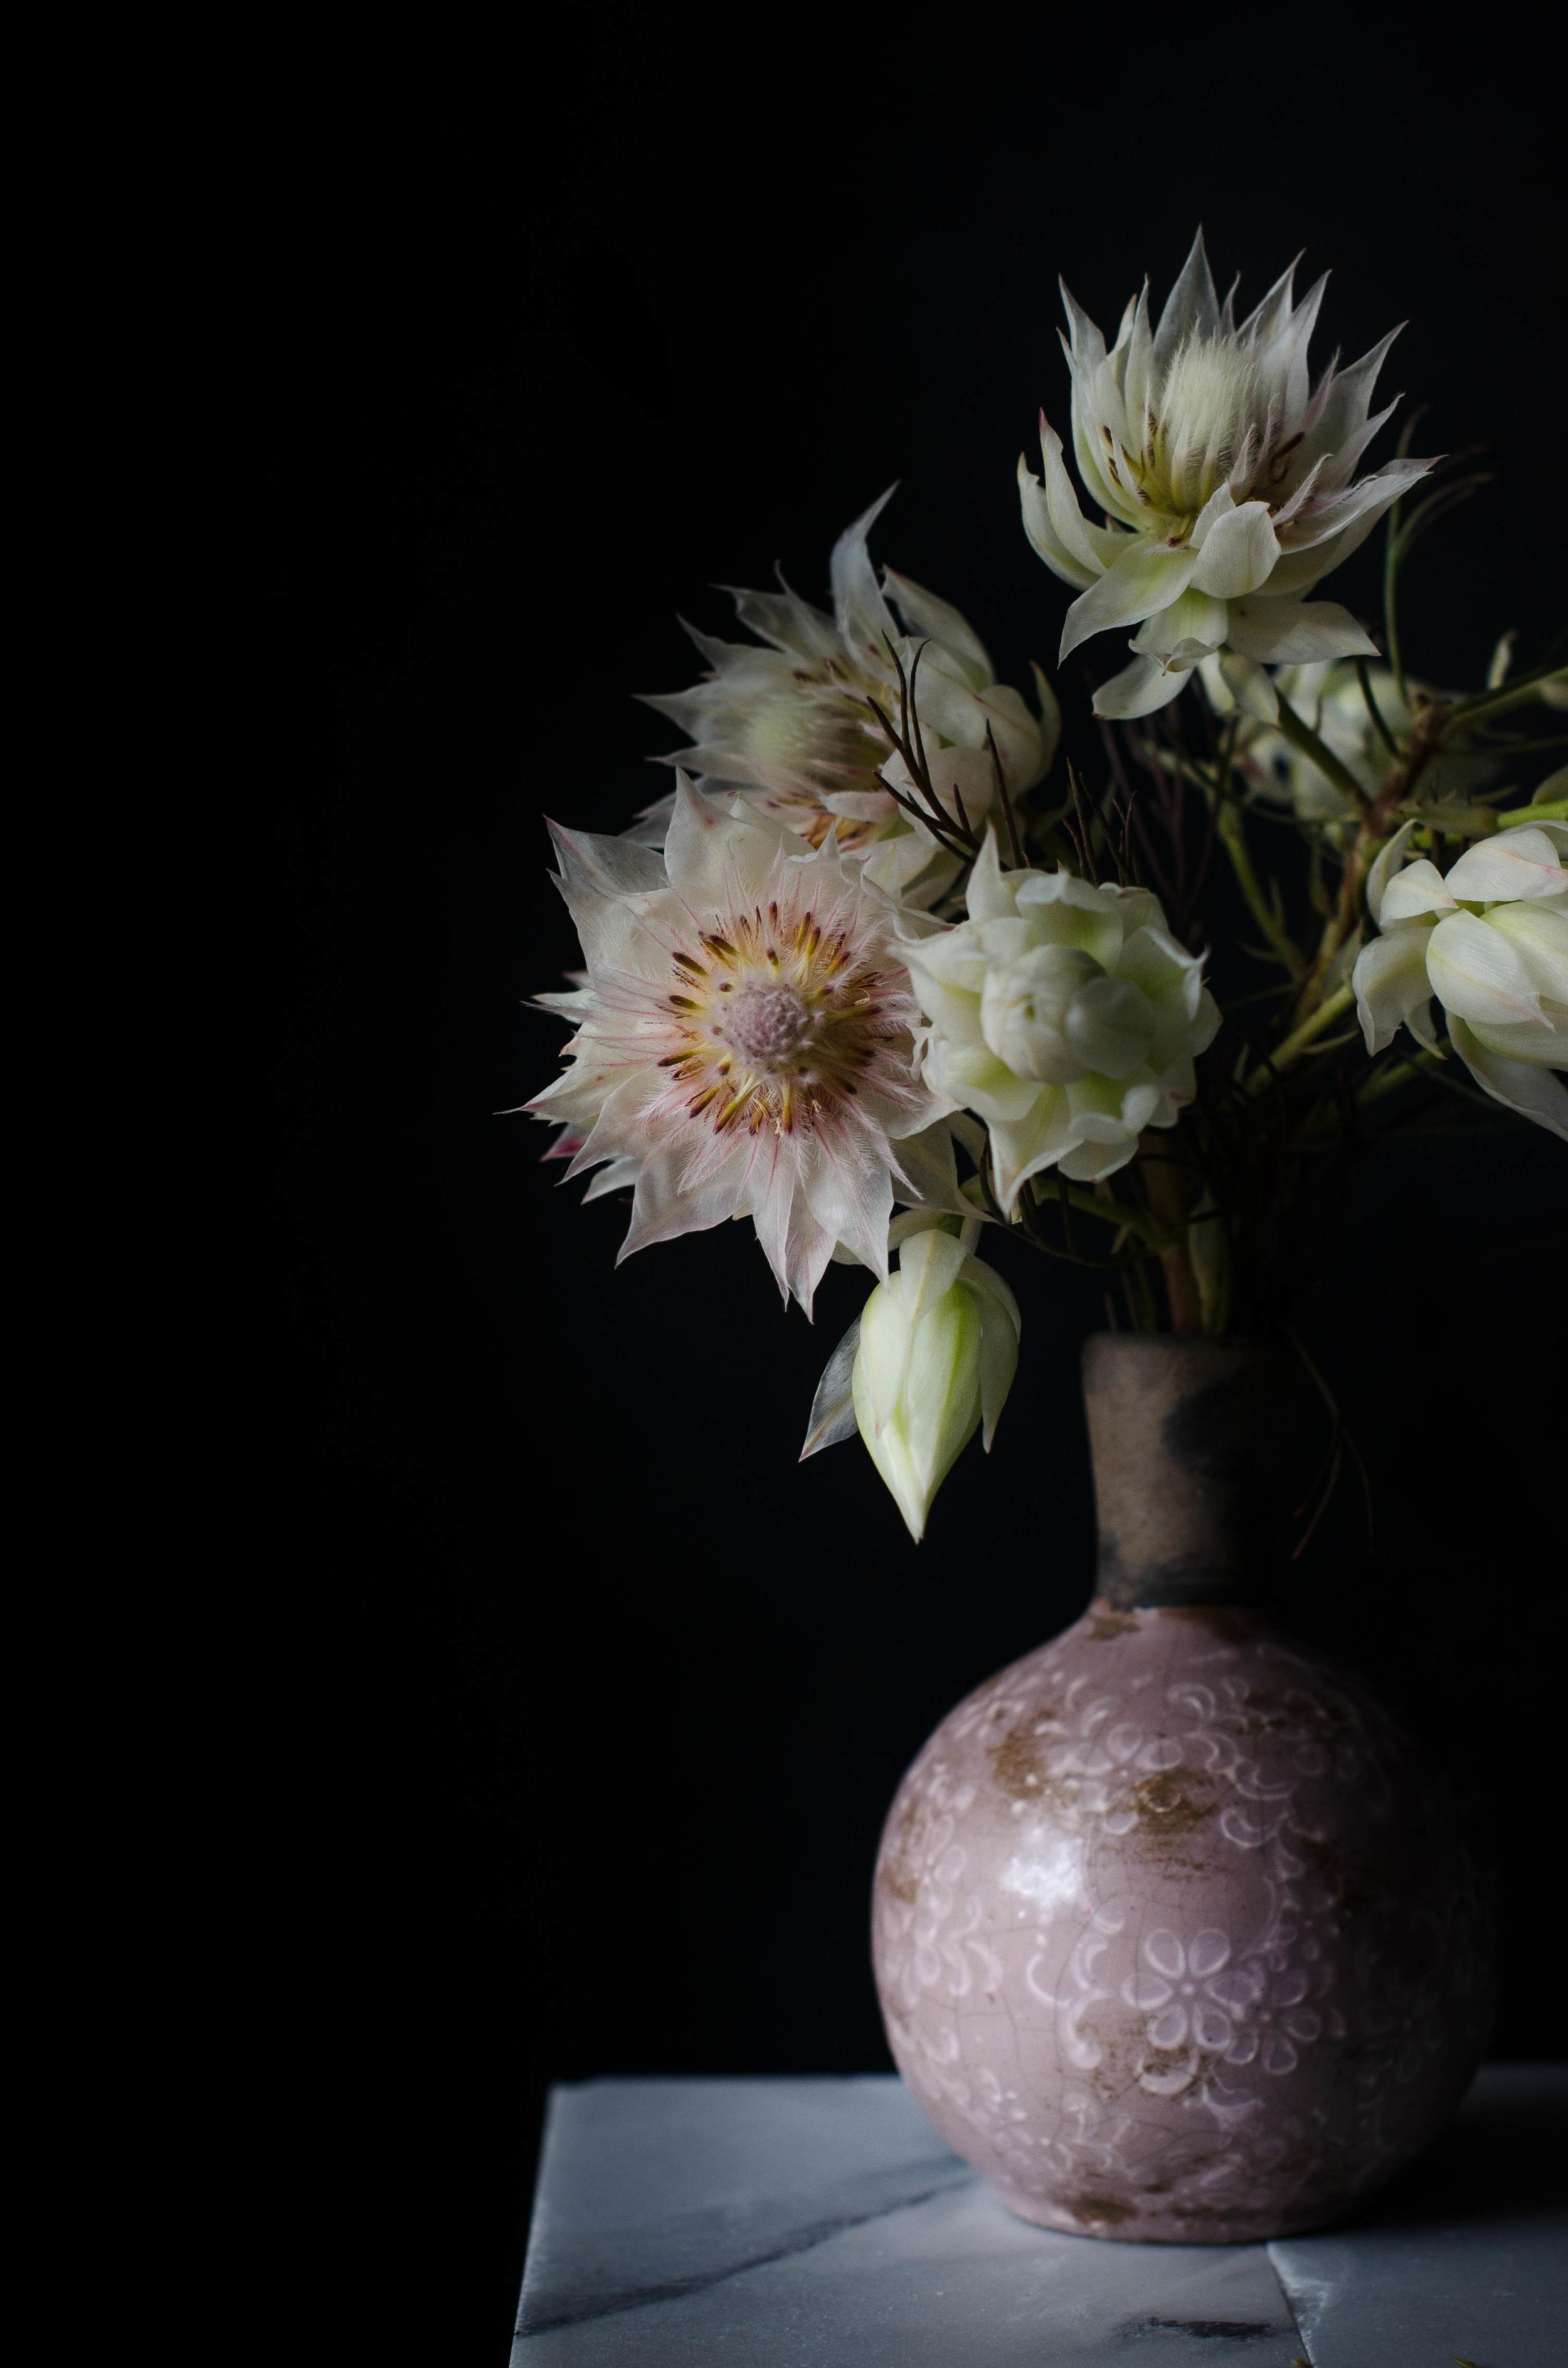 ROSE & IVY Journal Petal by Petal Blushing Bride